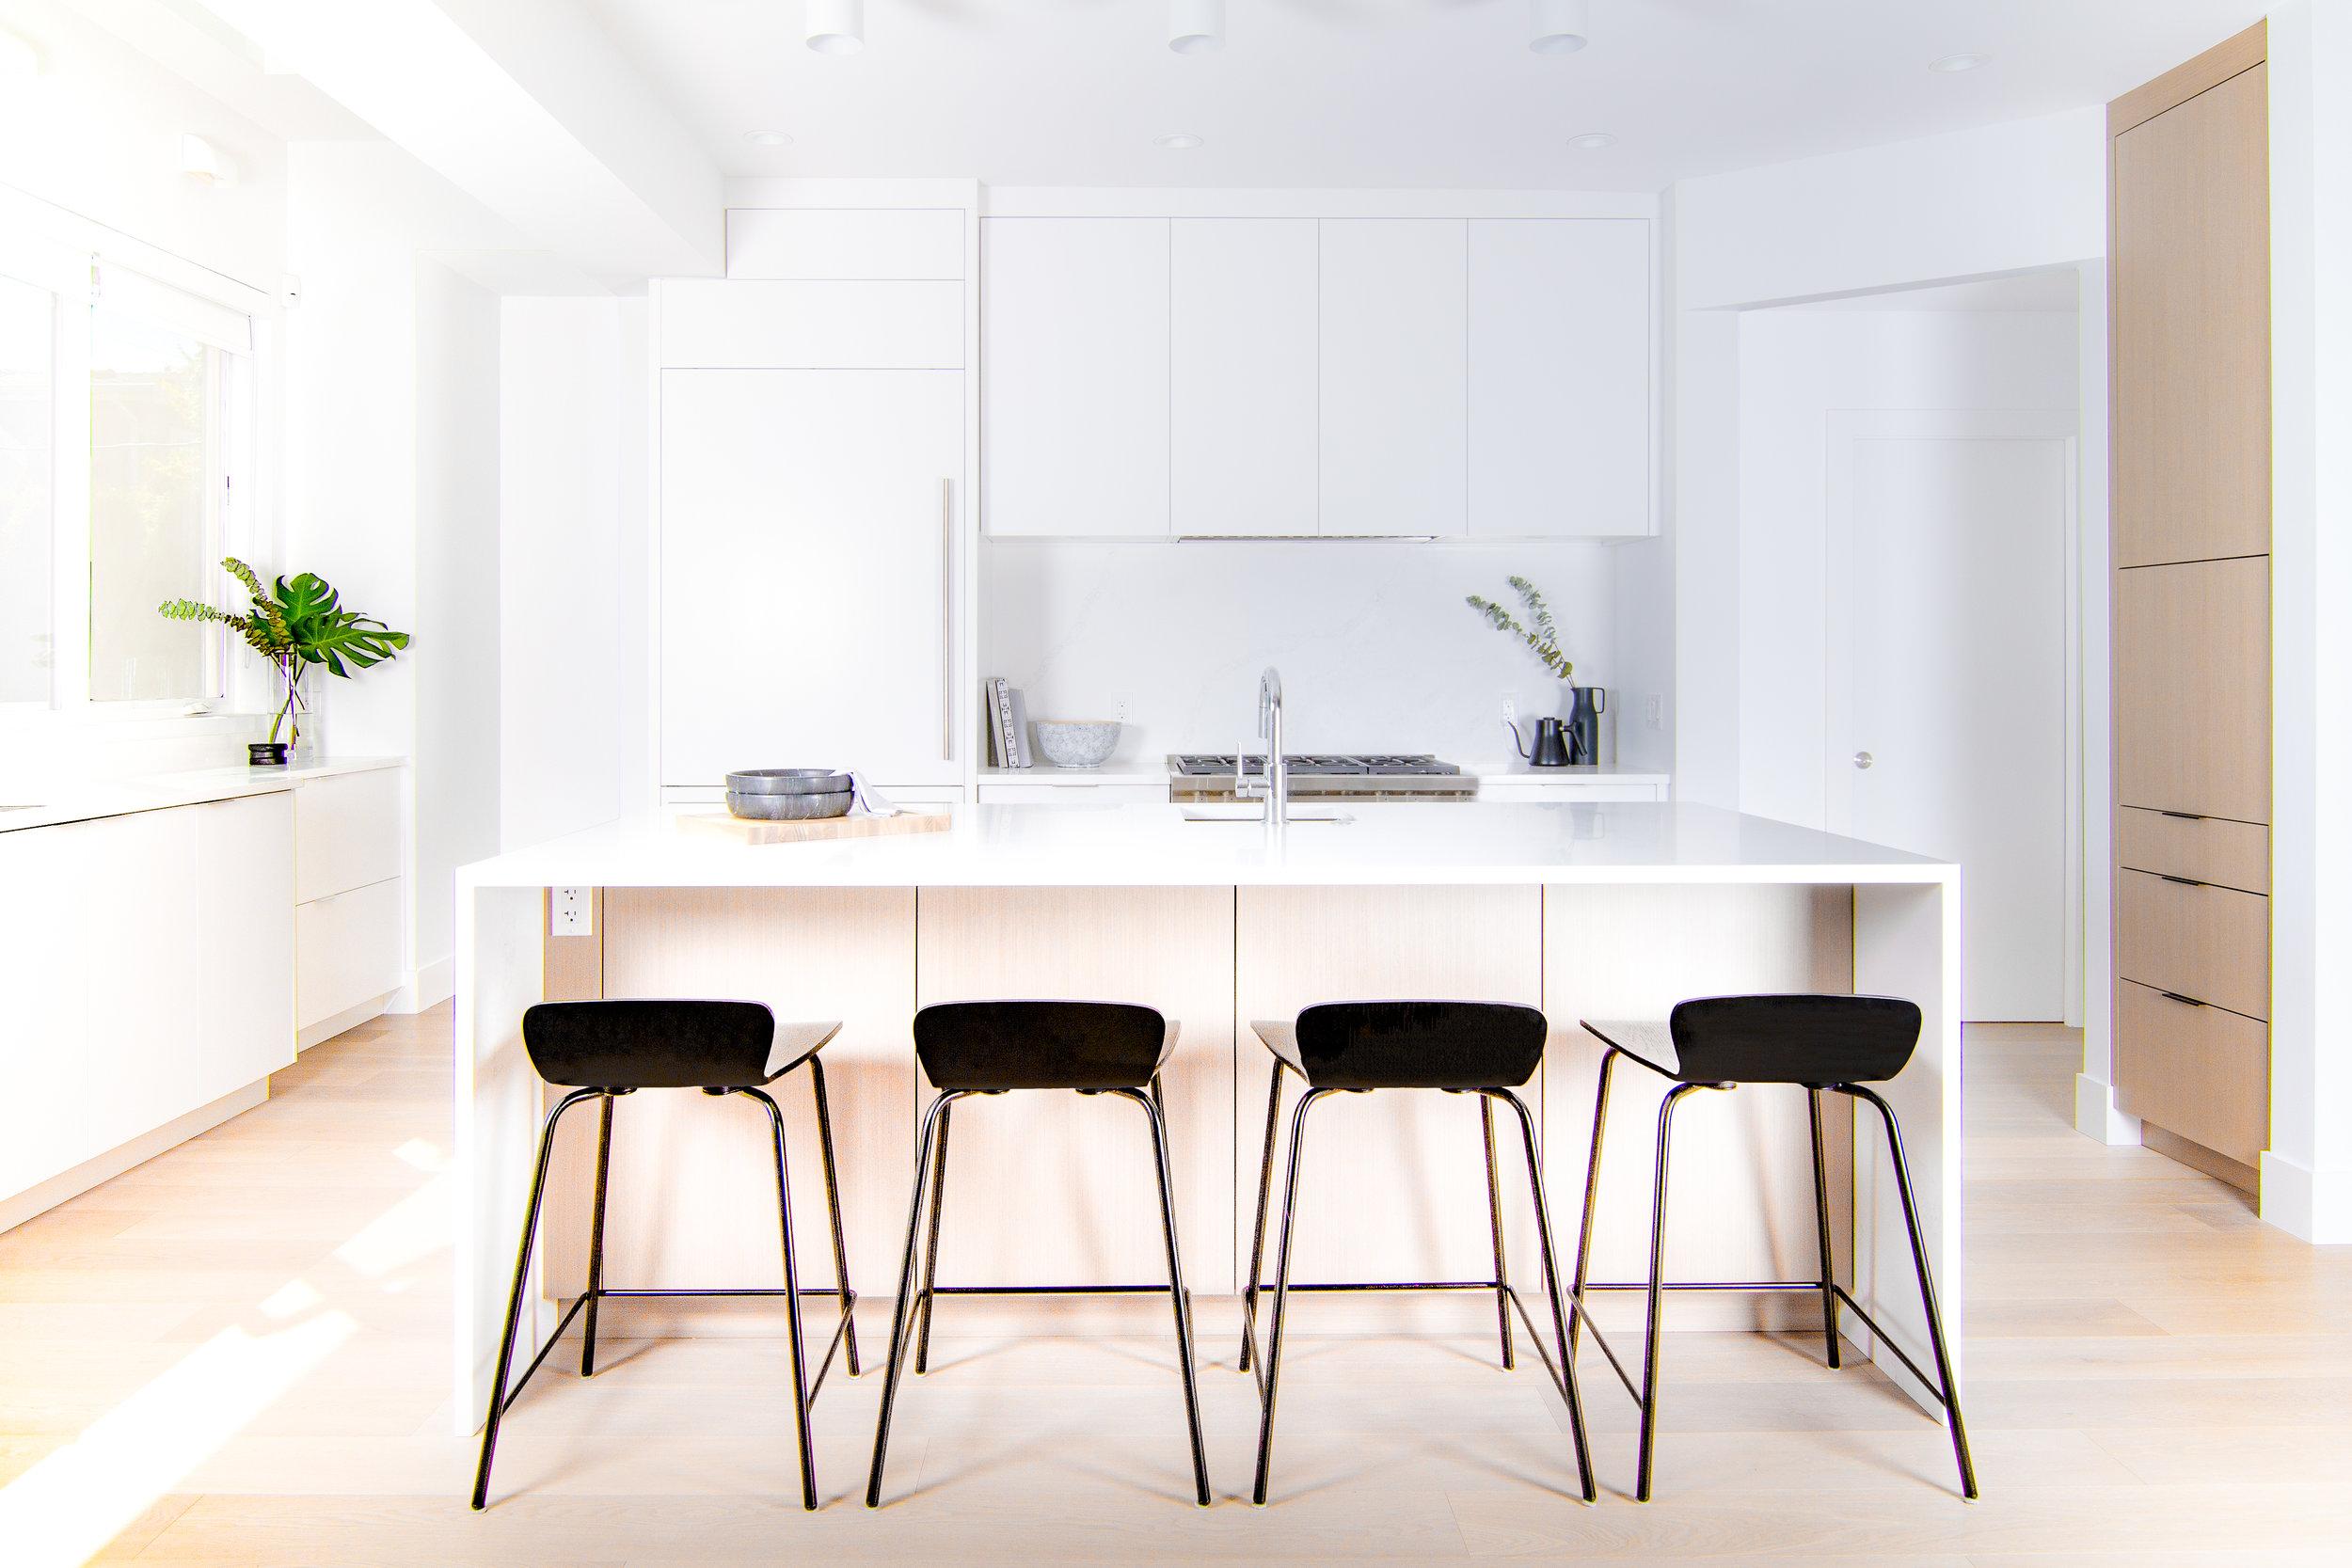 mocoro-studio-interior-design-architecture-home-styling-05.jpg